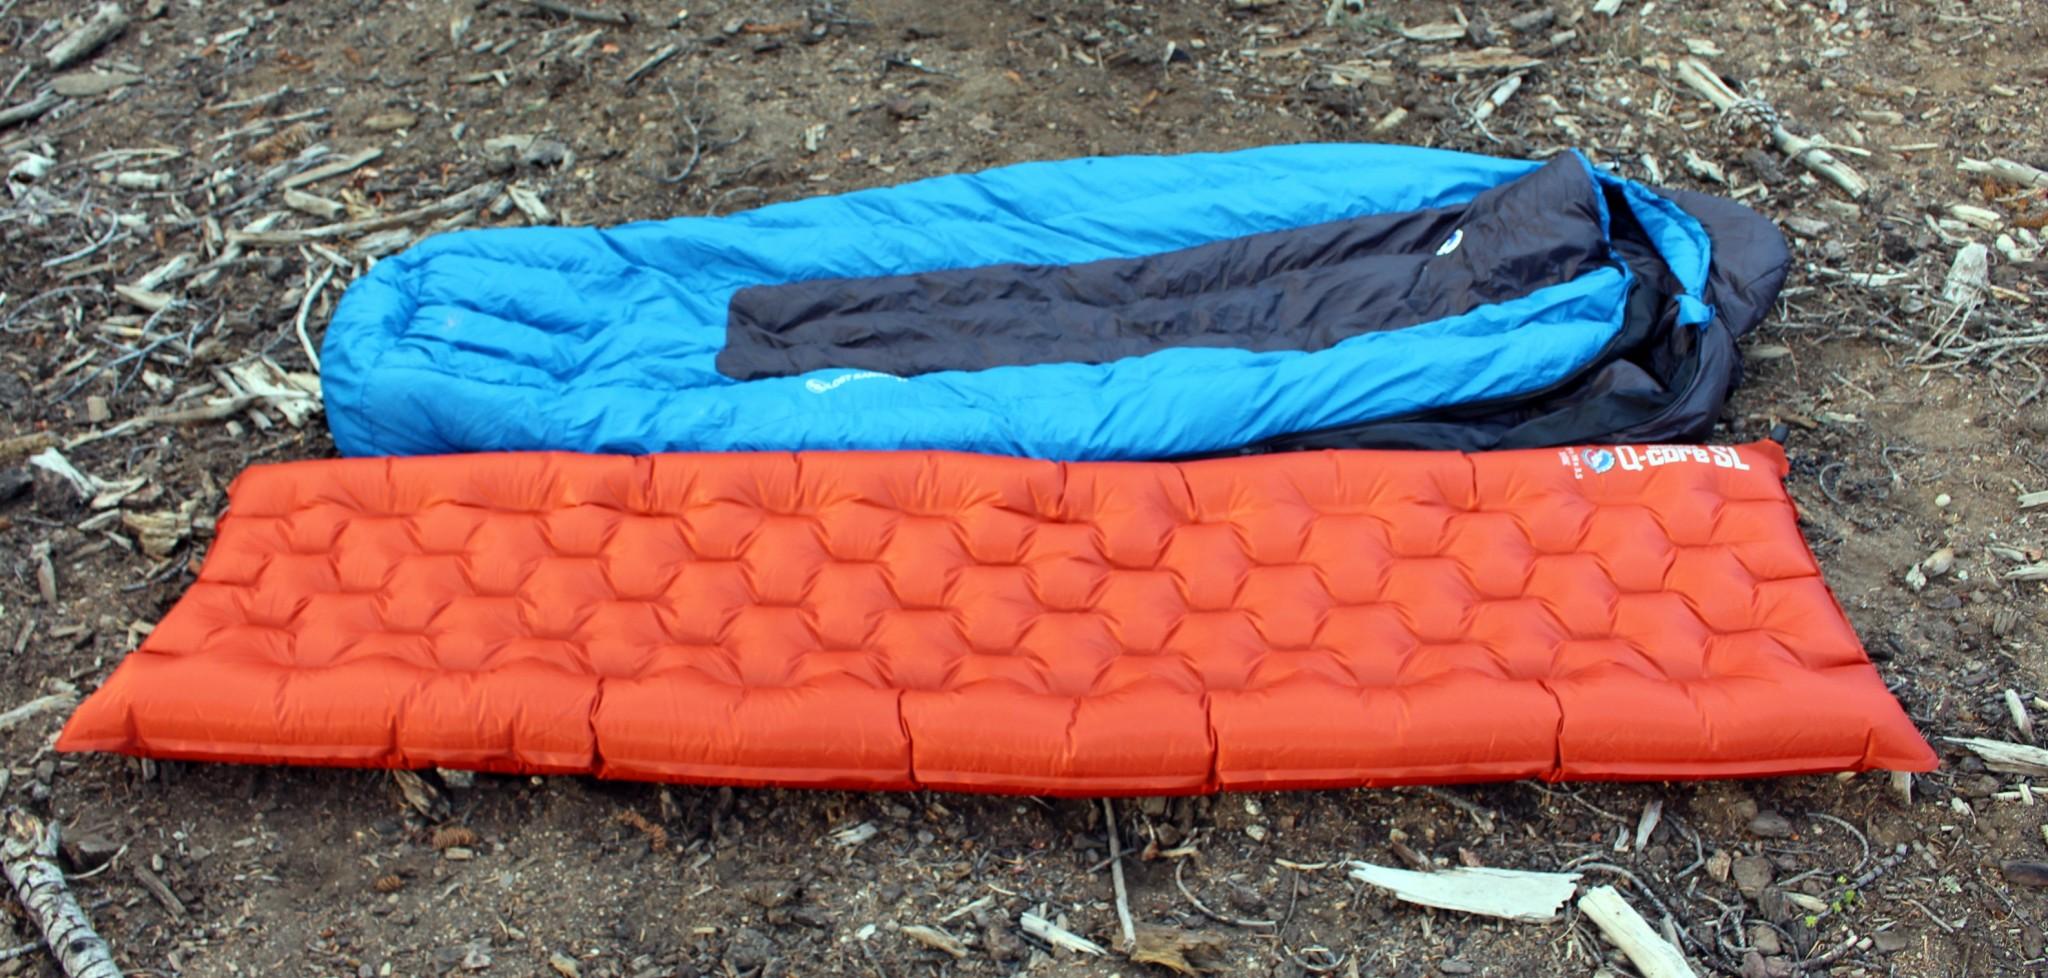 Aden And Anais Sleeping Bag